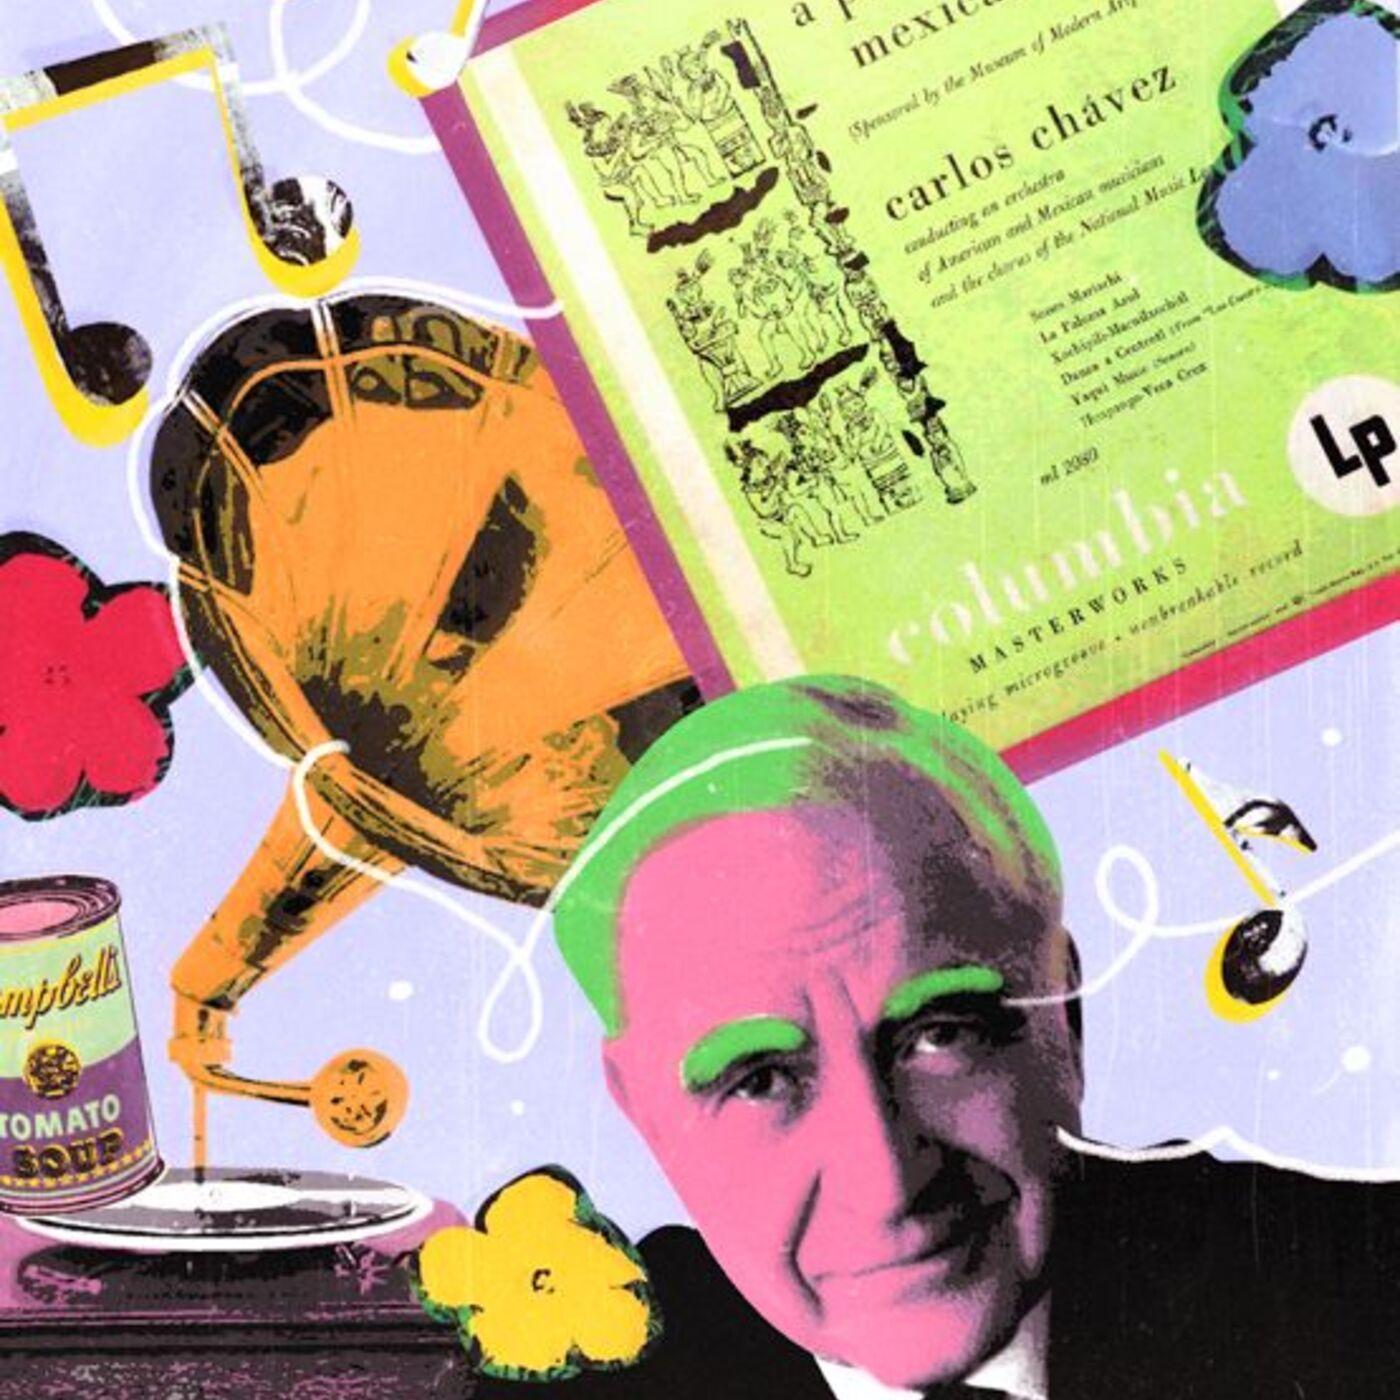 Episodio 3. Andy Warhol y Carlos Chávez